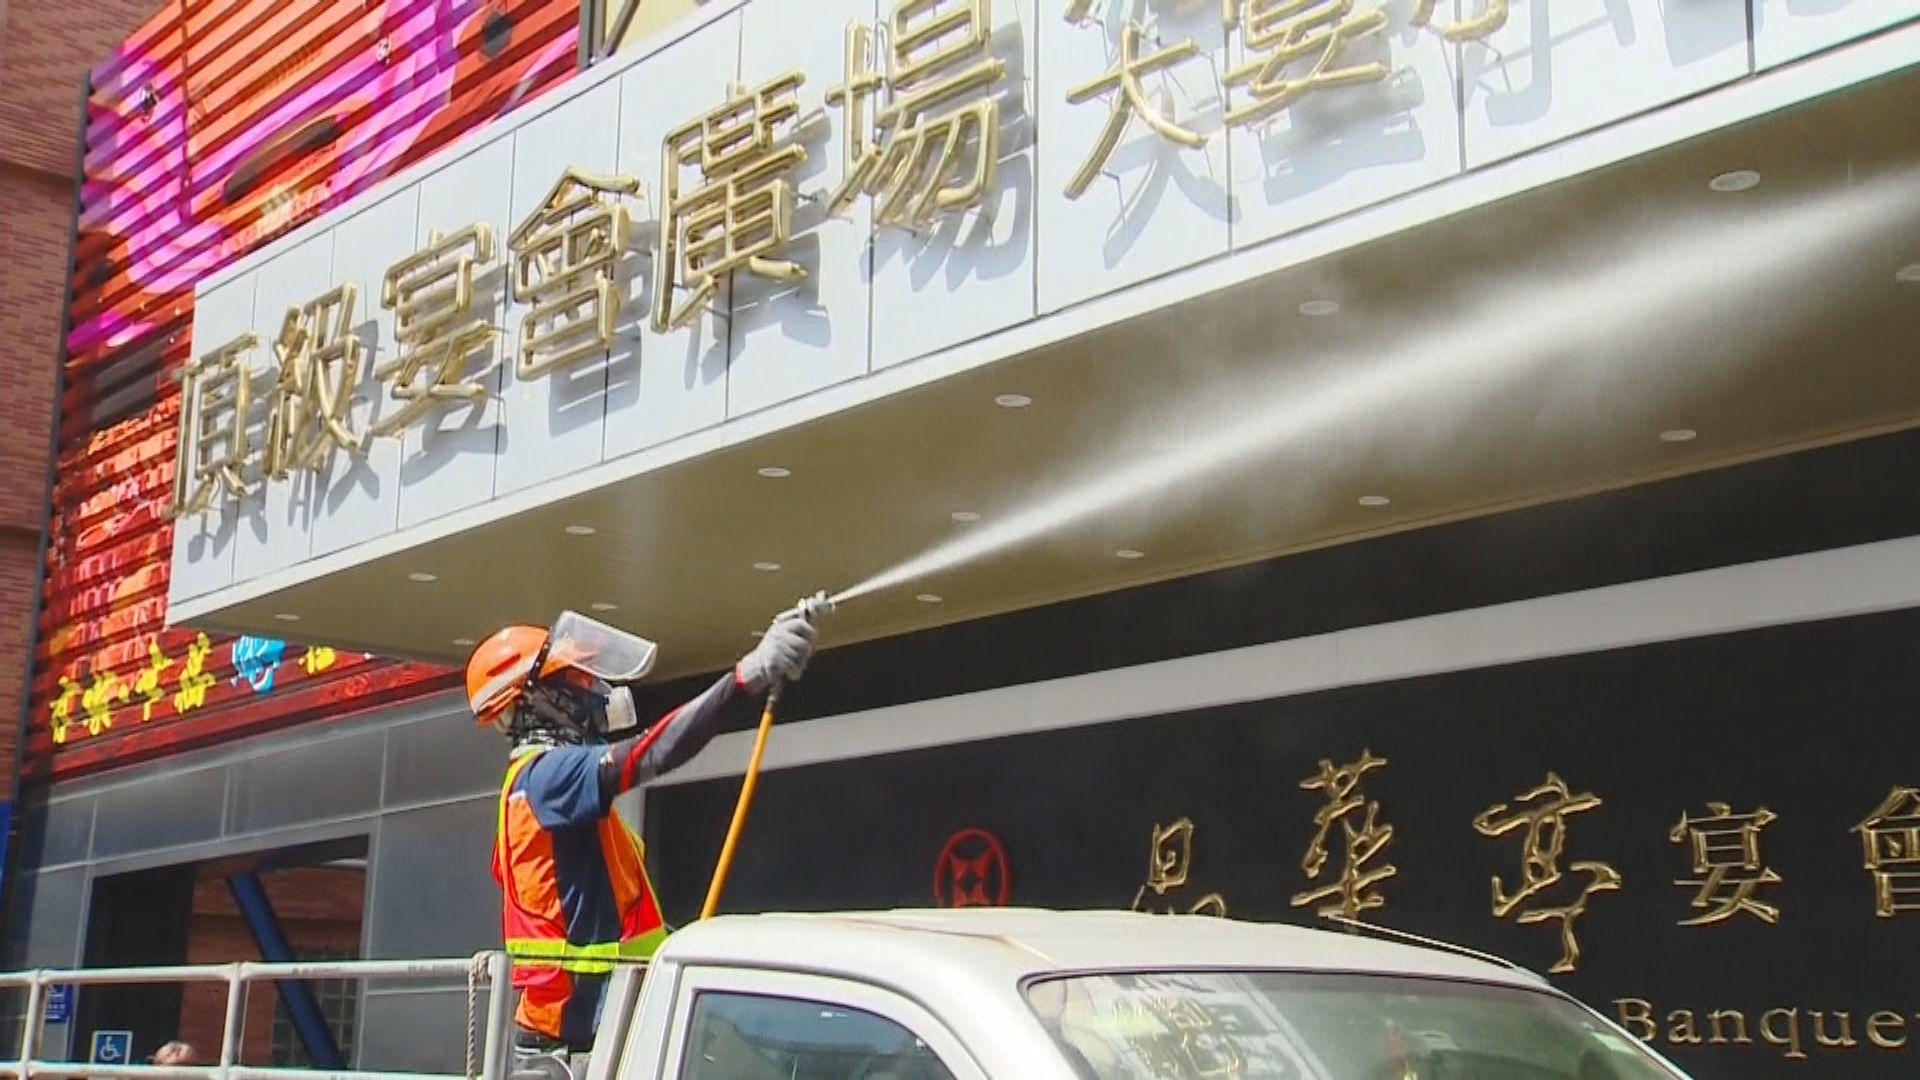 台灣感染群組有關連 升至三級警戒可能性降低